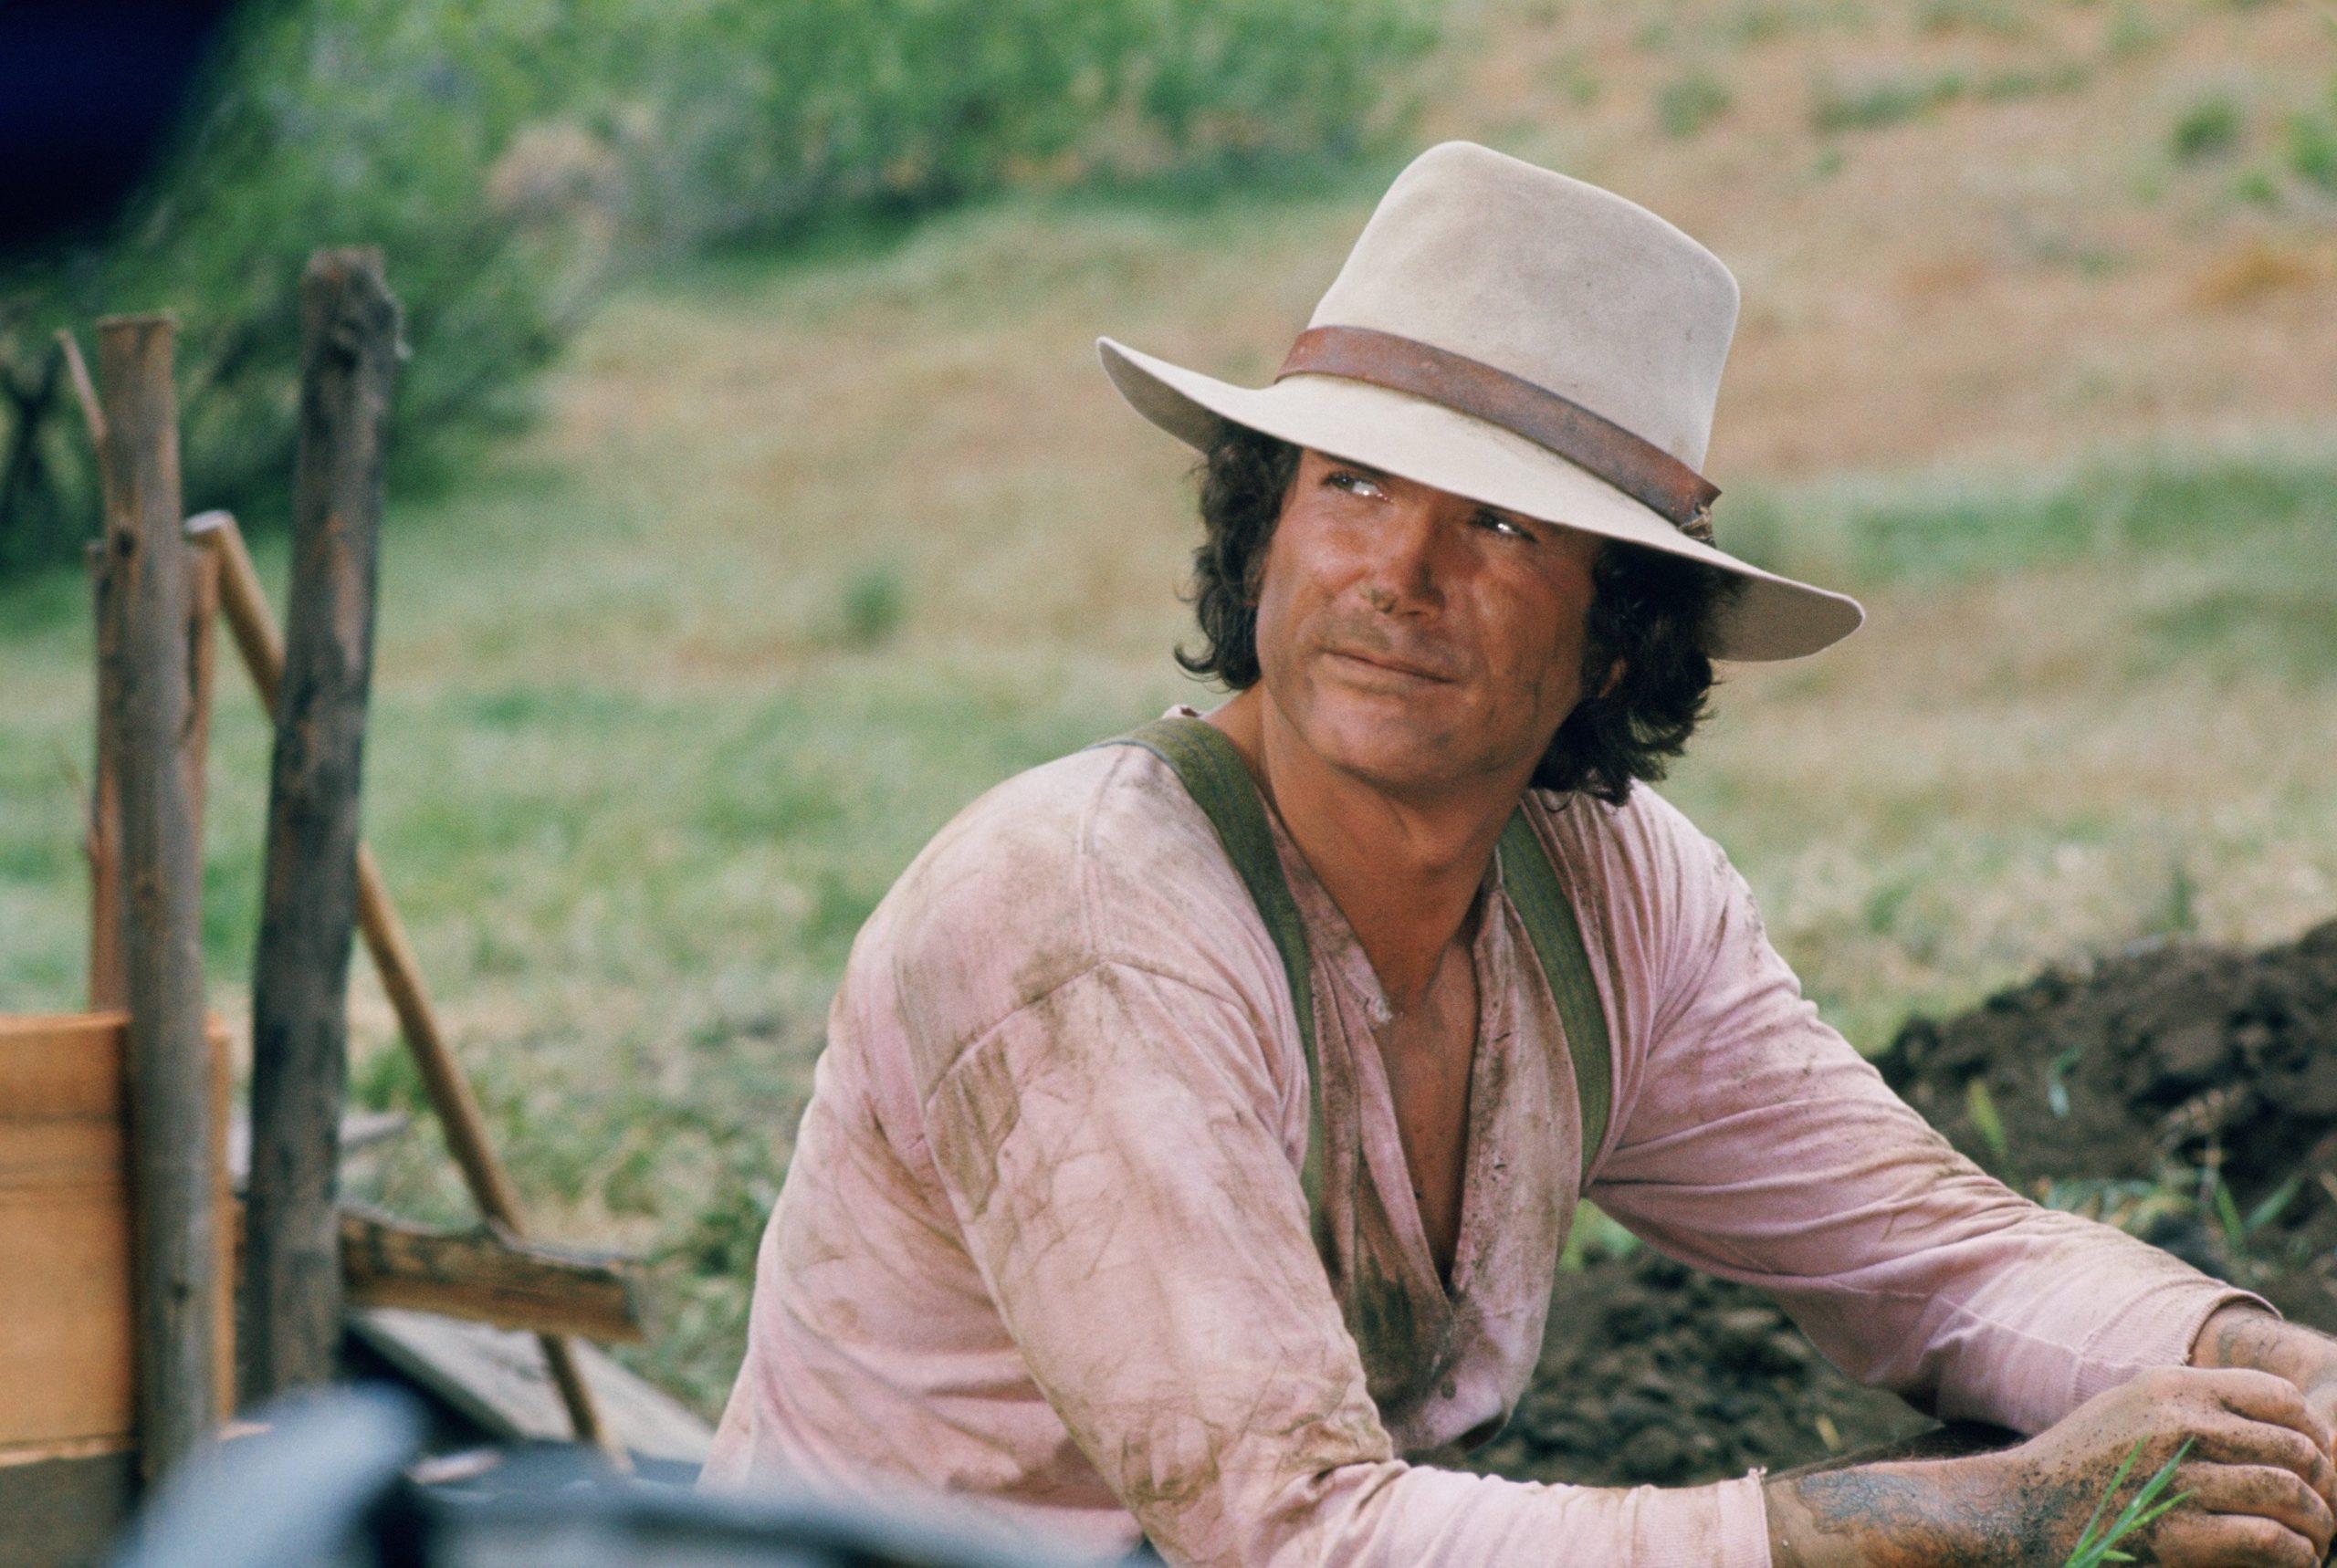 Michael Landon as Pa Ingalls